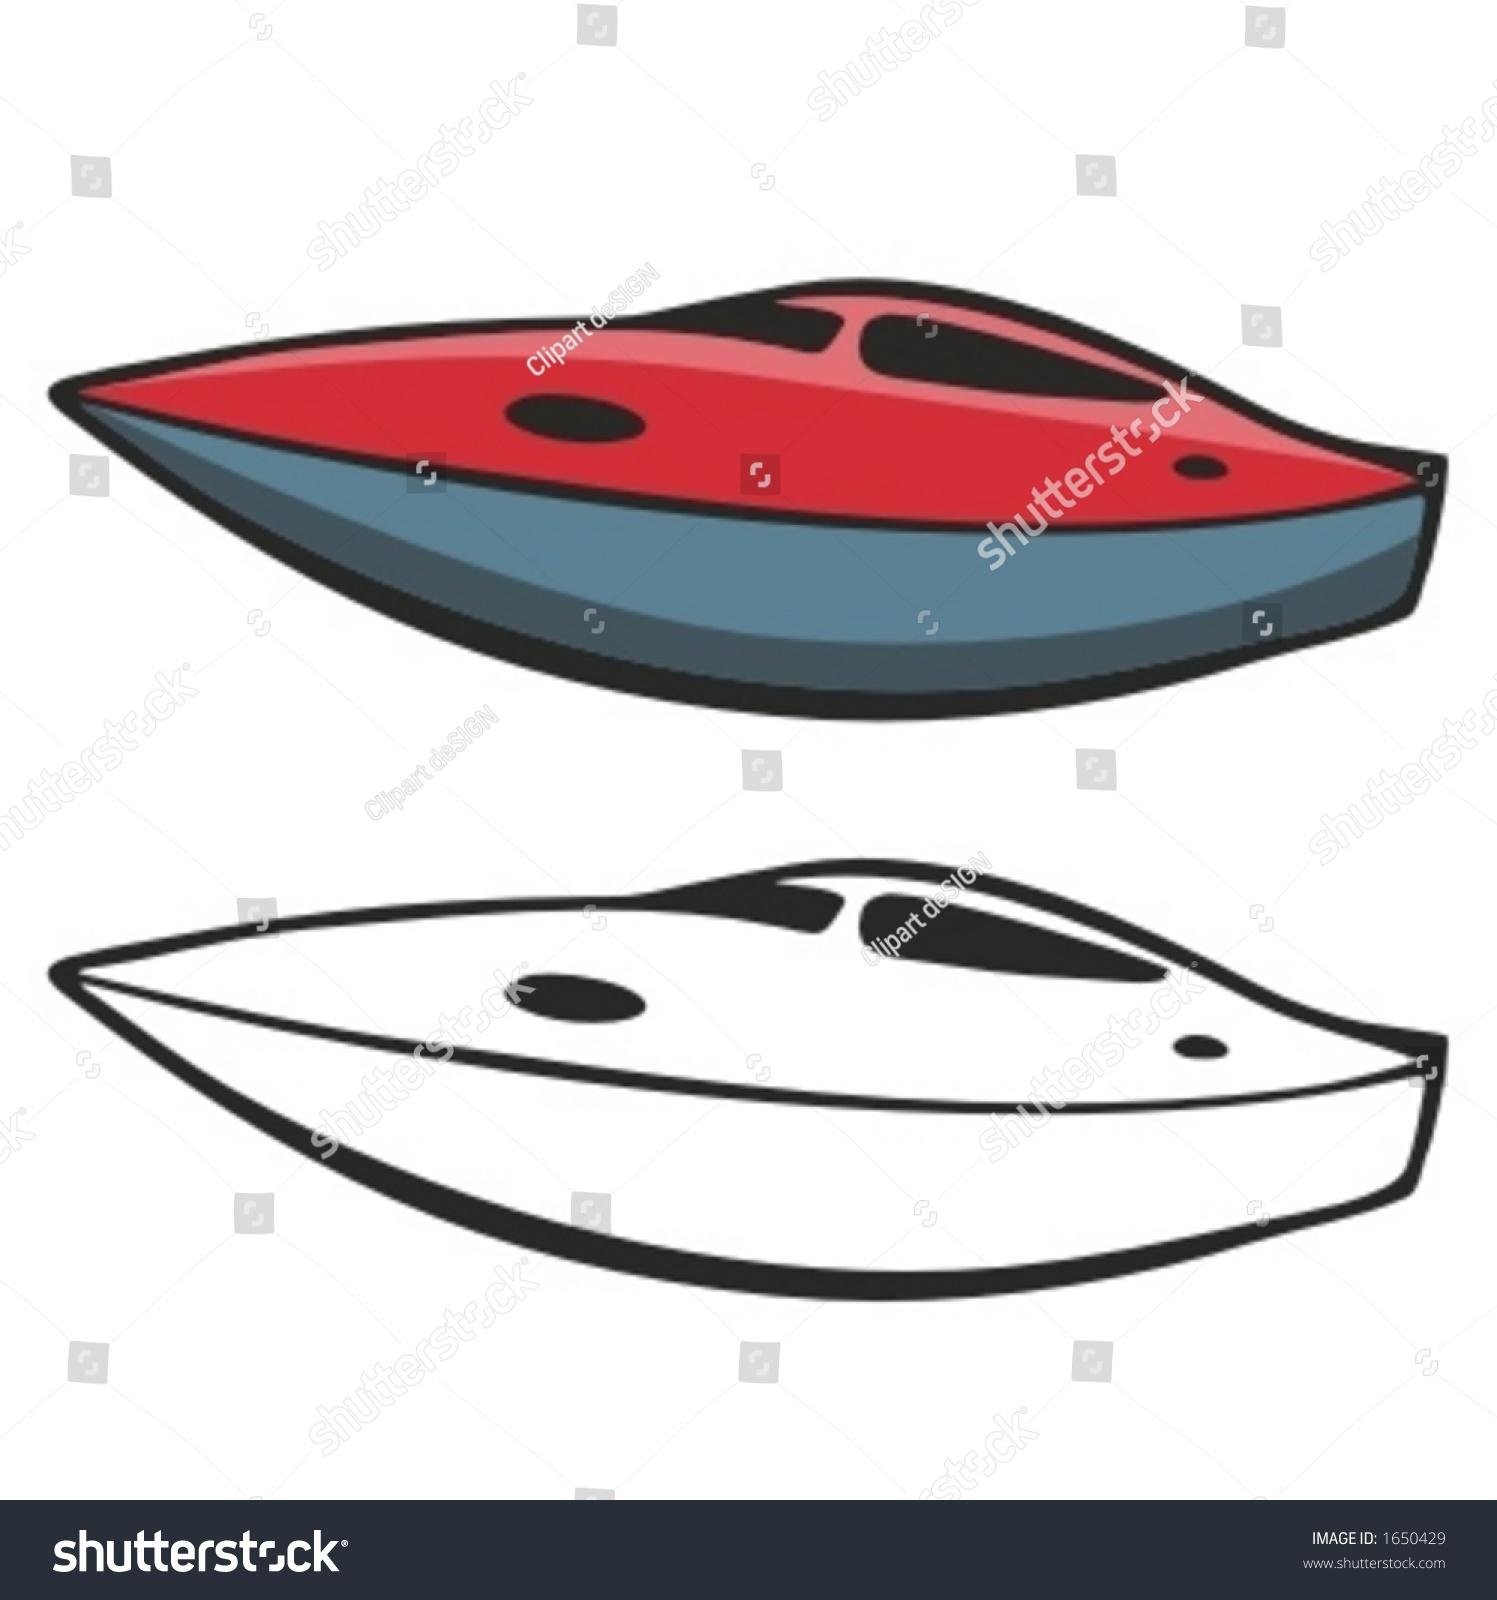 Motor Boat Vector Illustration Stock Vector 1650429